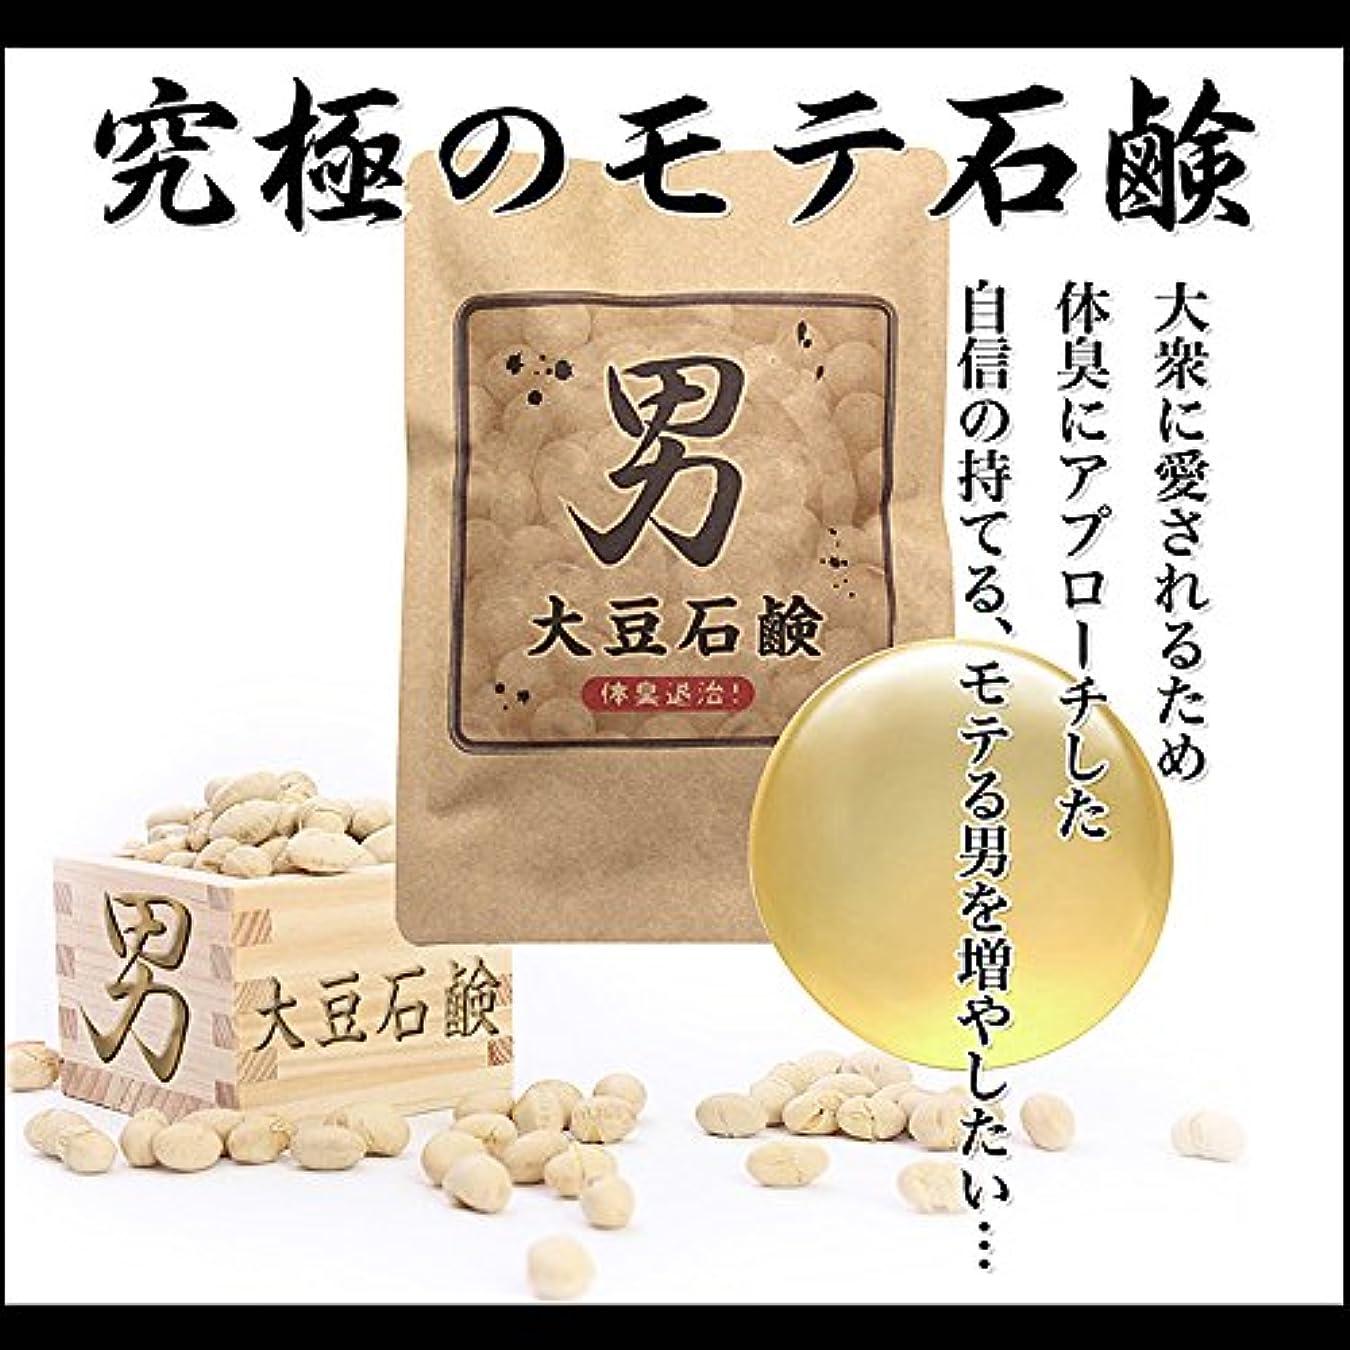 収束チョコレート土男大豆石鹸(セリュードボーテ ピュアソープ)